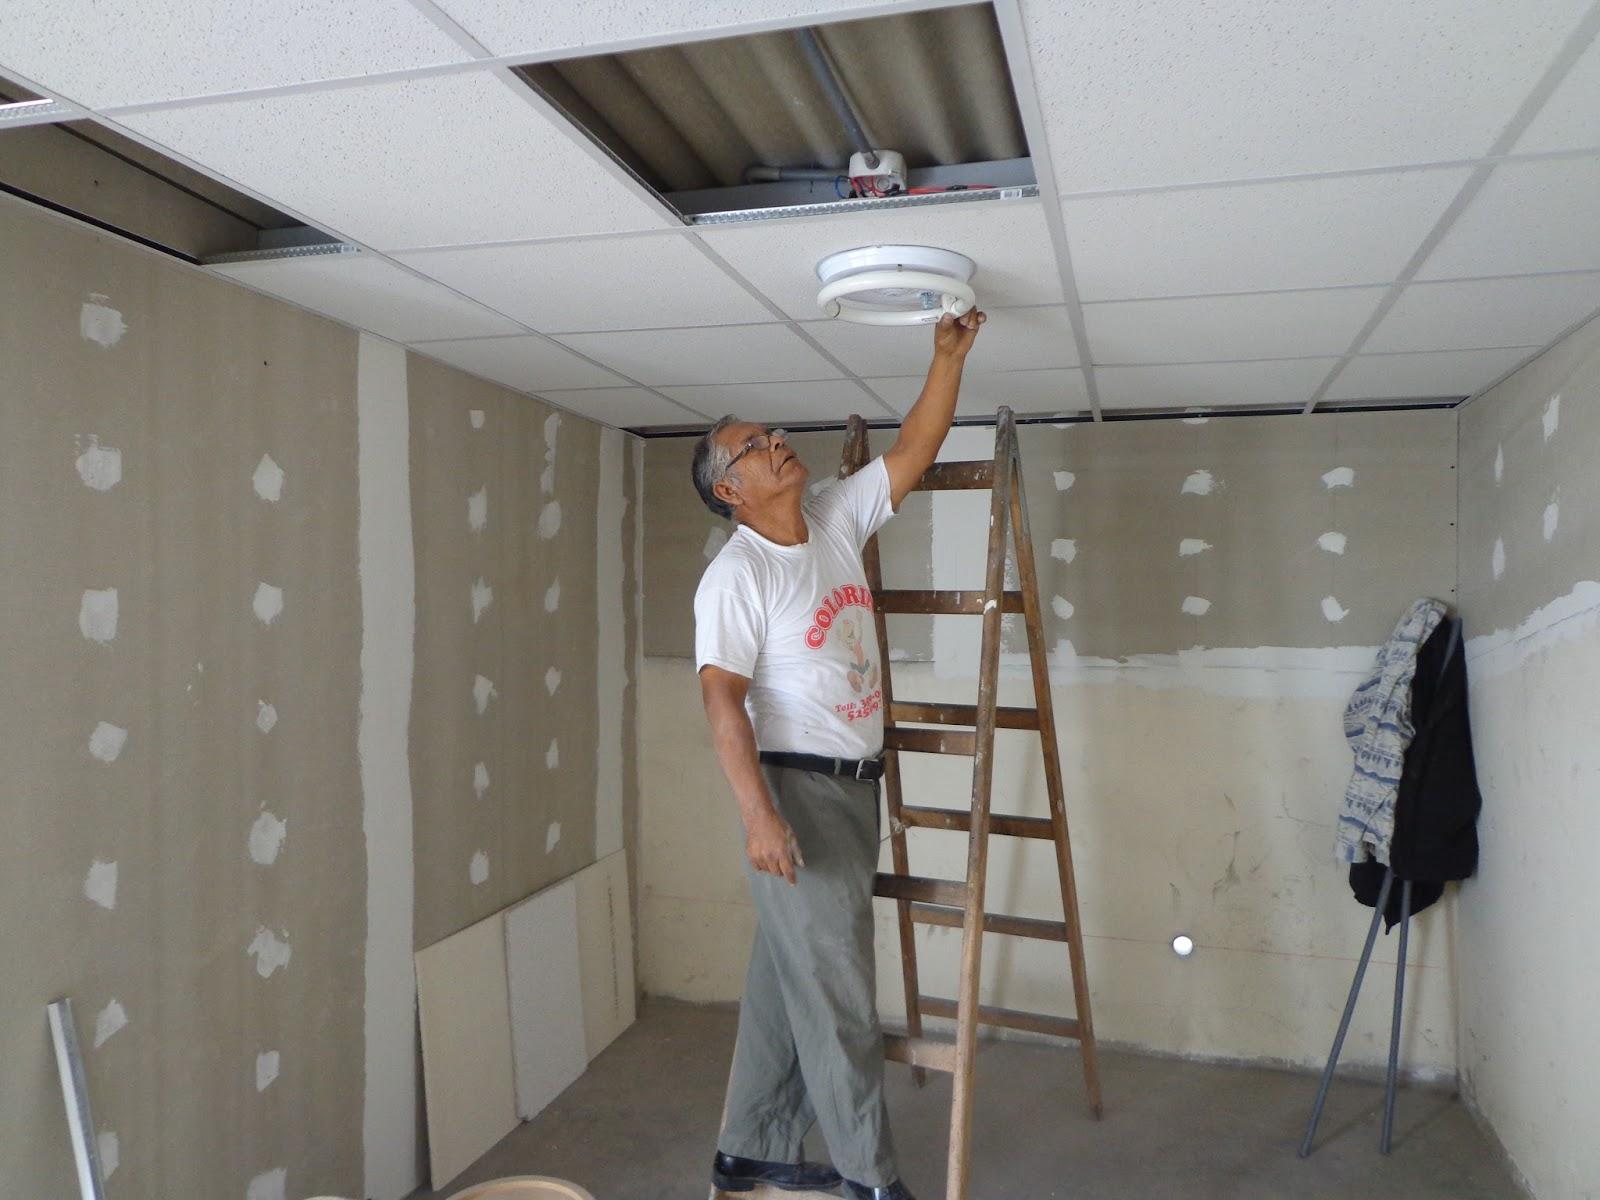 Instalacion drywall chosica chaclacayo ate lima este for Techos en drywall para casas